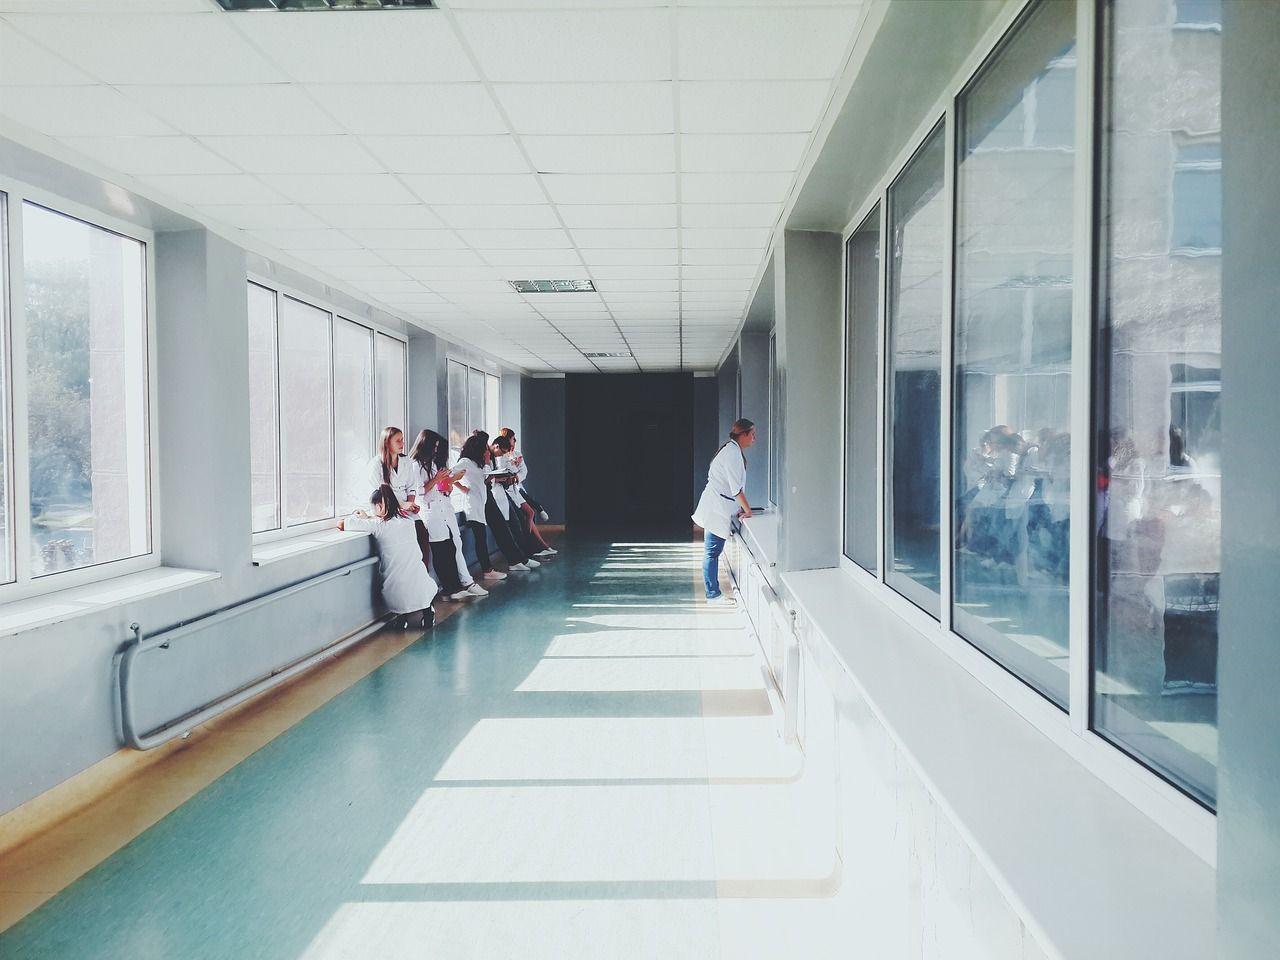 Tragedia in ospedale a Forlì: 77enne perde la moglie e si butta dal settimo piano